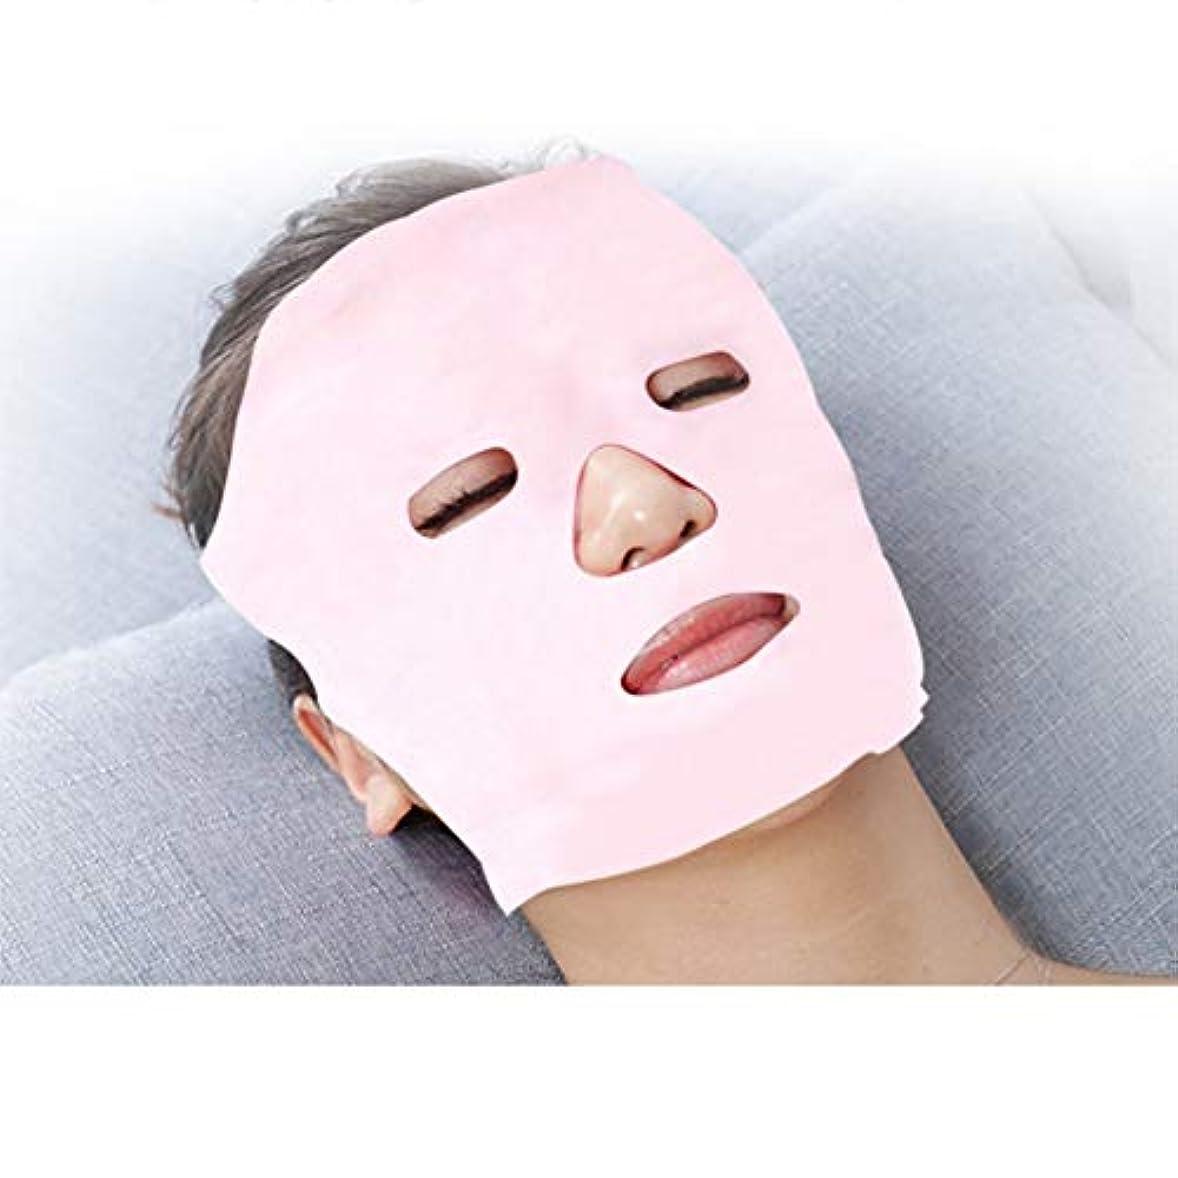 従順なあいさつ兵器庫トルマリンジェル マグネットマスク マッサージマスク 颜美容 フェイスマスク 薄い顔 肤色を明るく ヘルスケアマスク 磁気 ェイスポーチ Cutelove